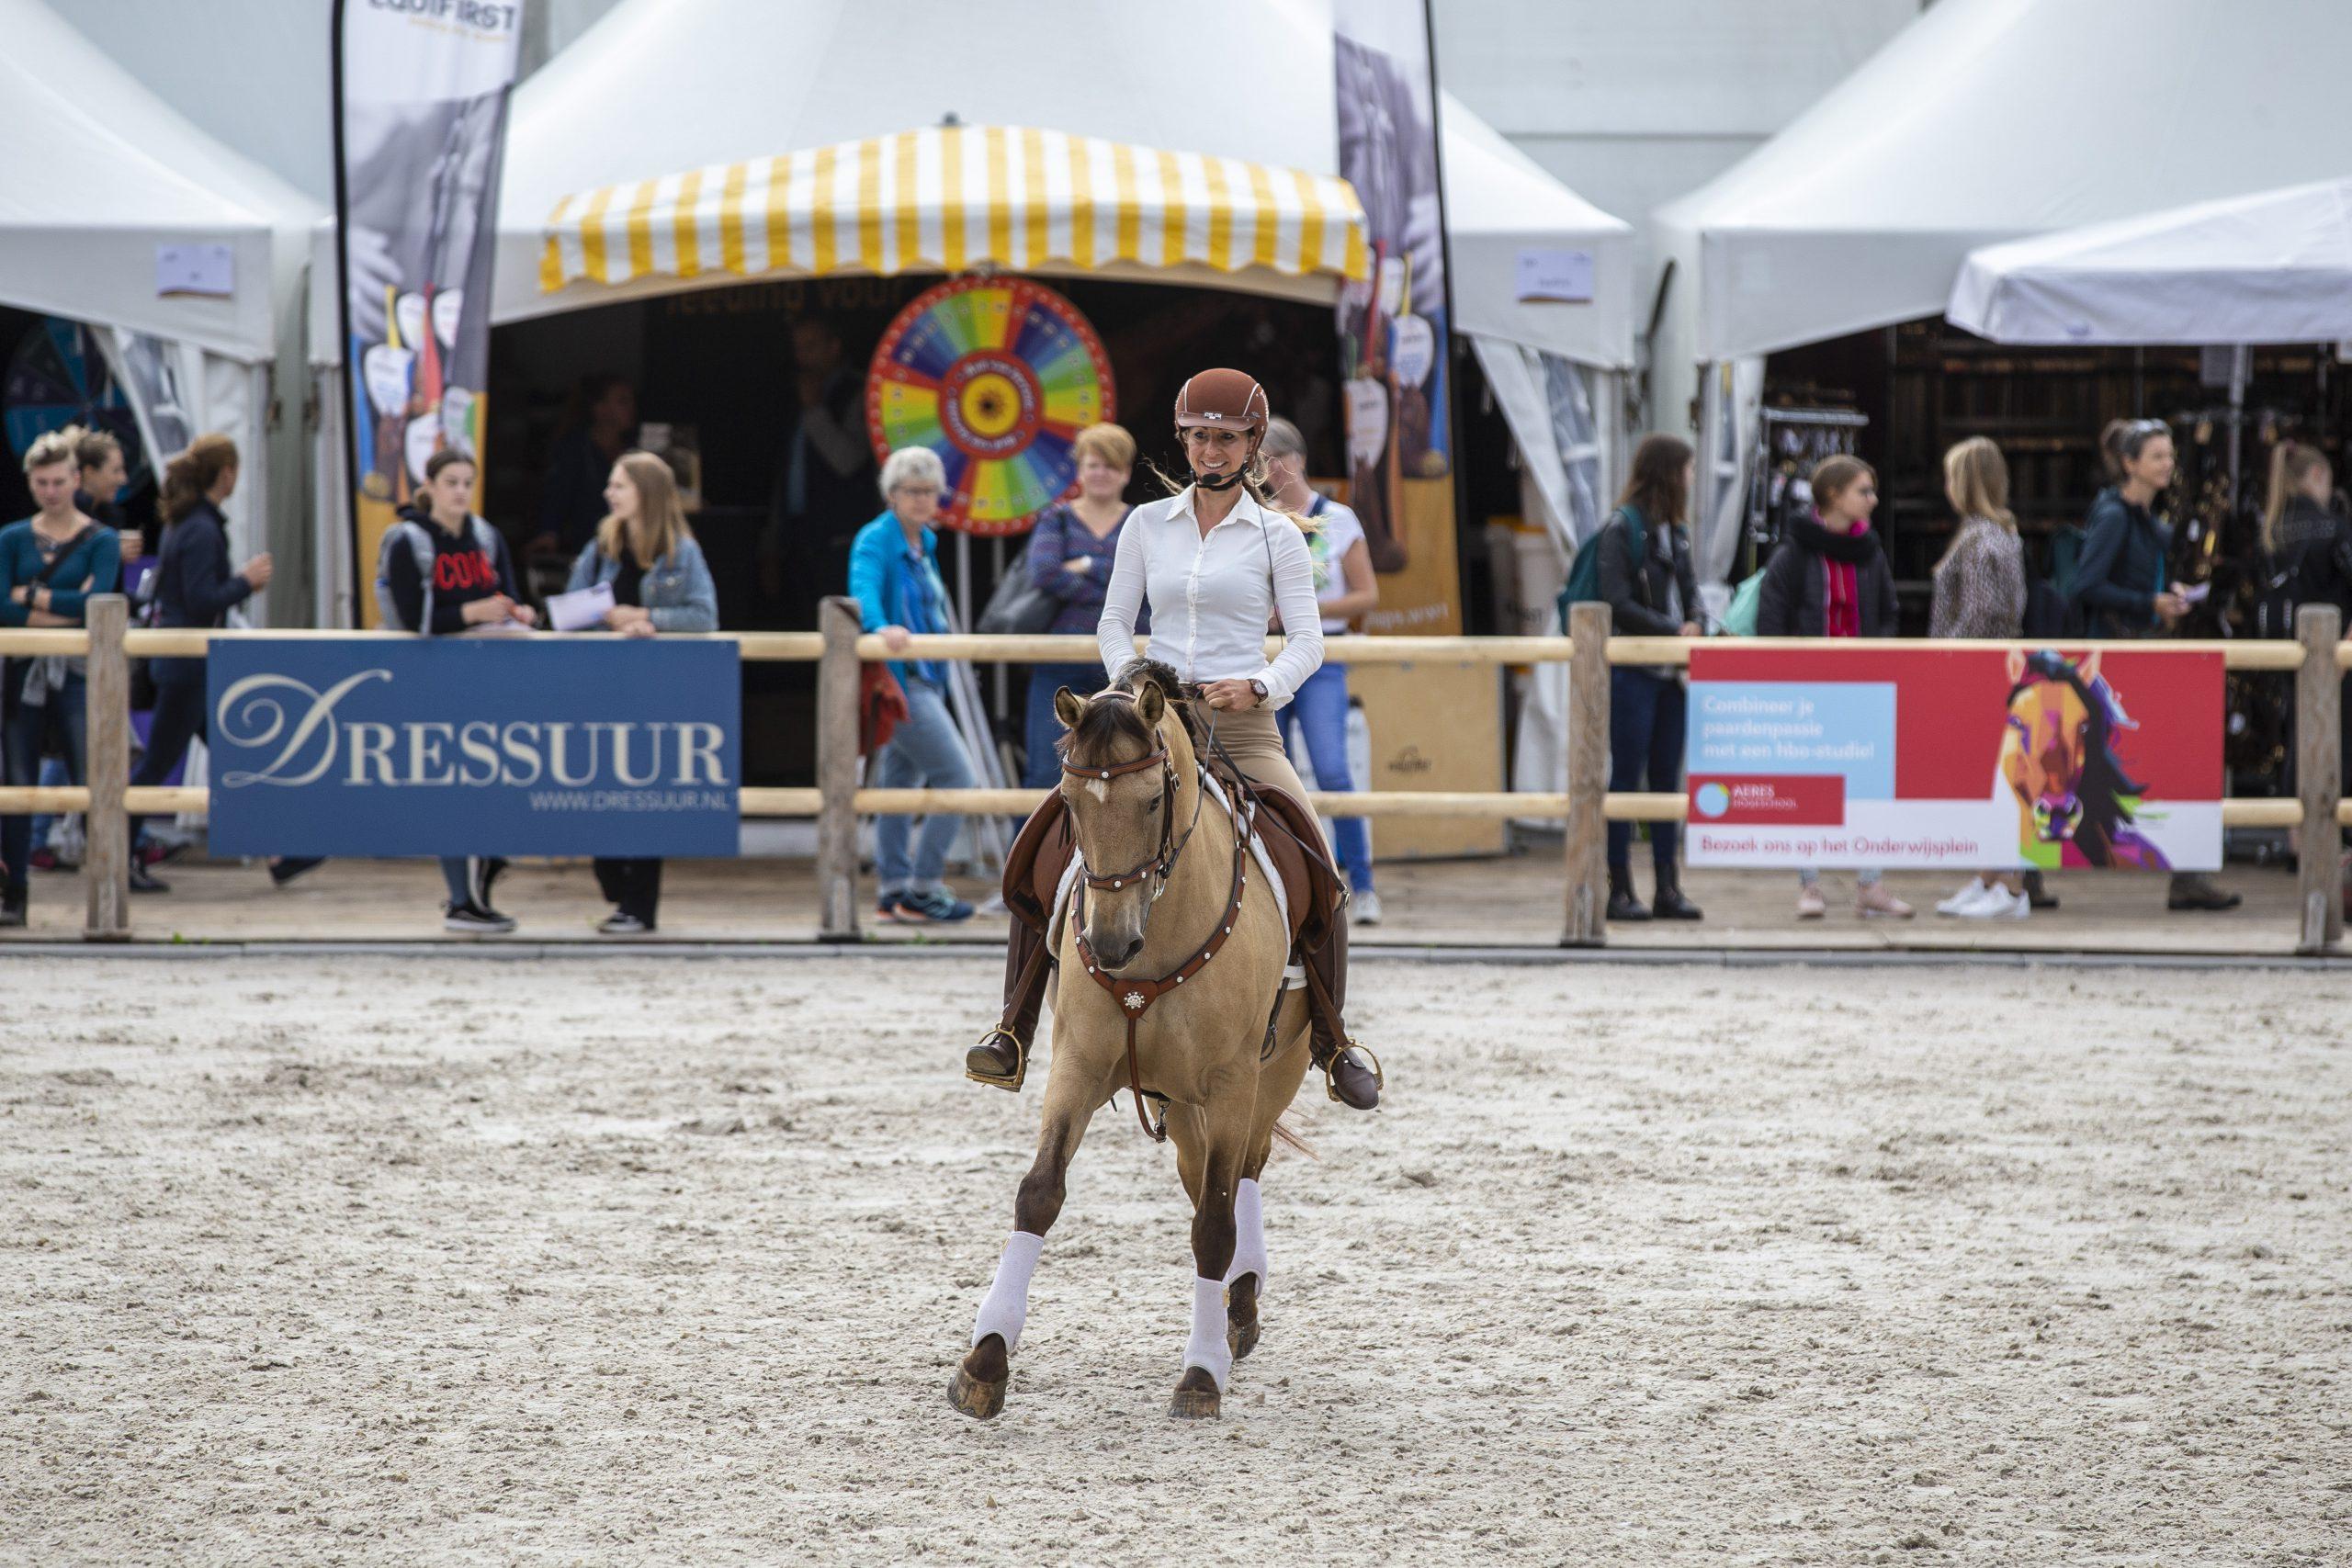 Horse Event hoopt met aangepast programma door te kunnen gaan